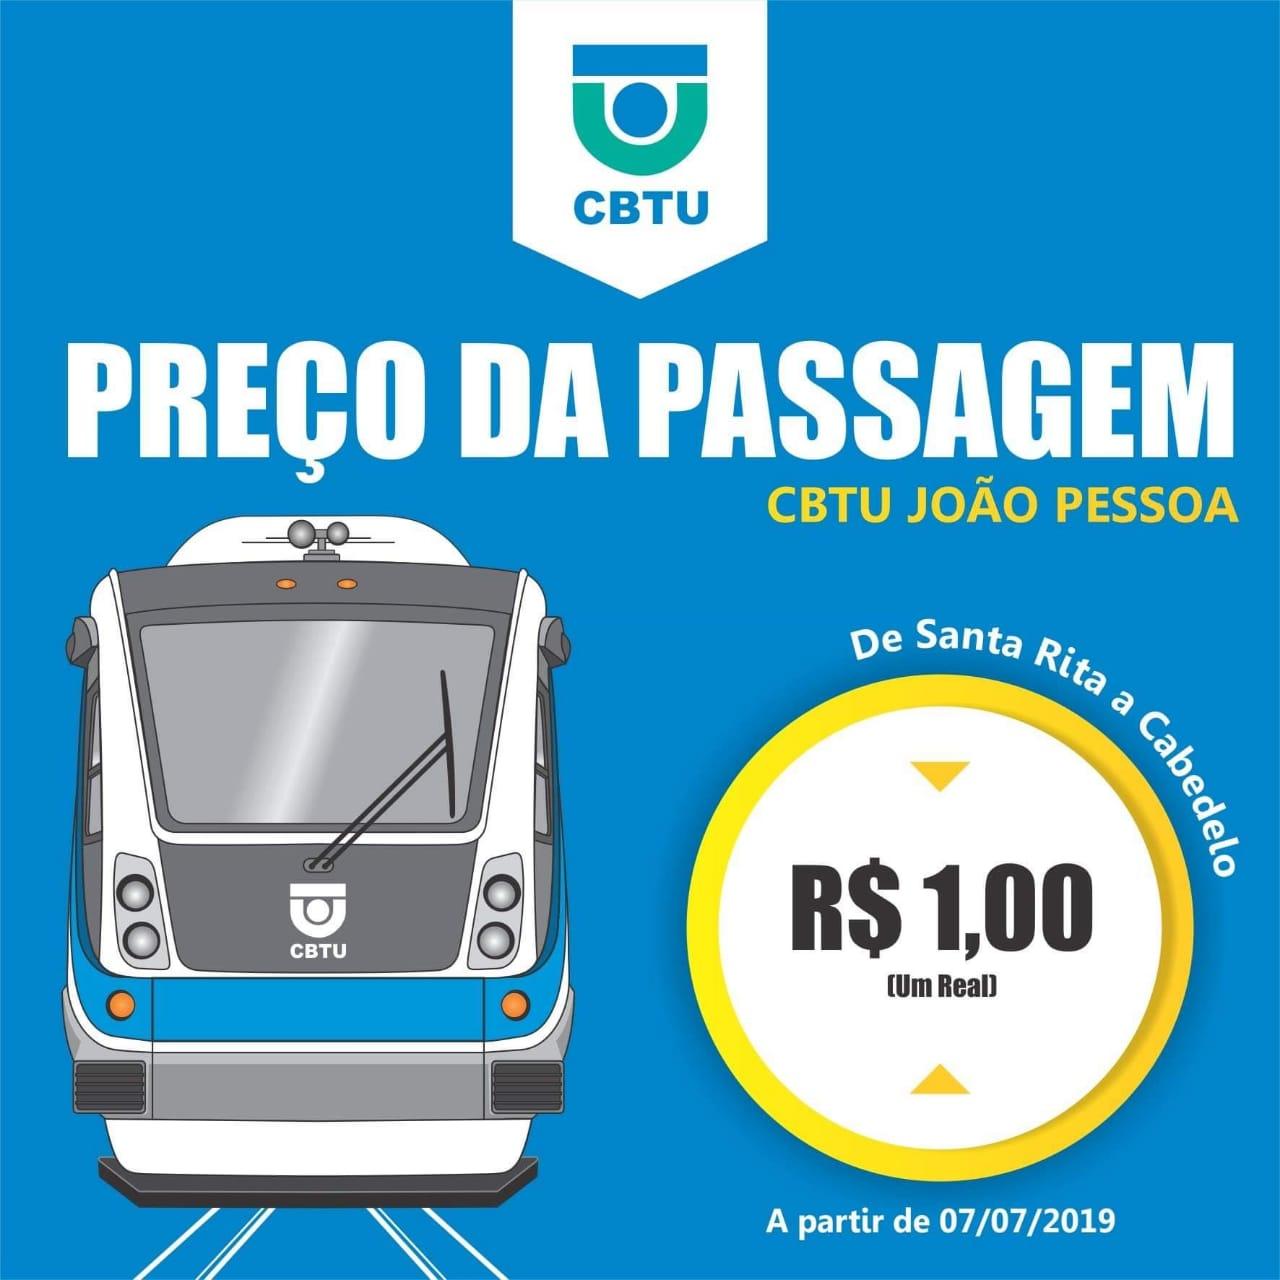 d381d45e 77ff 4279 8266 adf937e23d16 - Tarifa de trem e VLT será reajustada para R$ 1,00 no próximo domingo